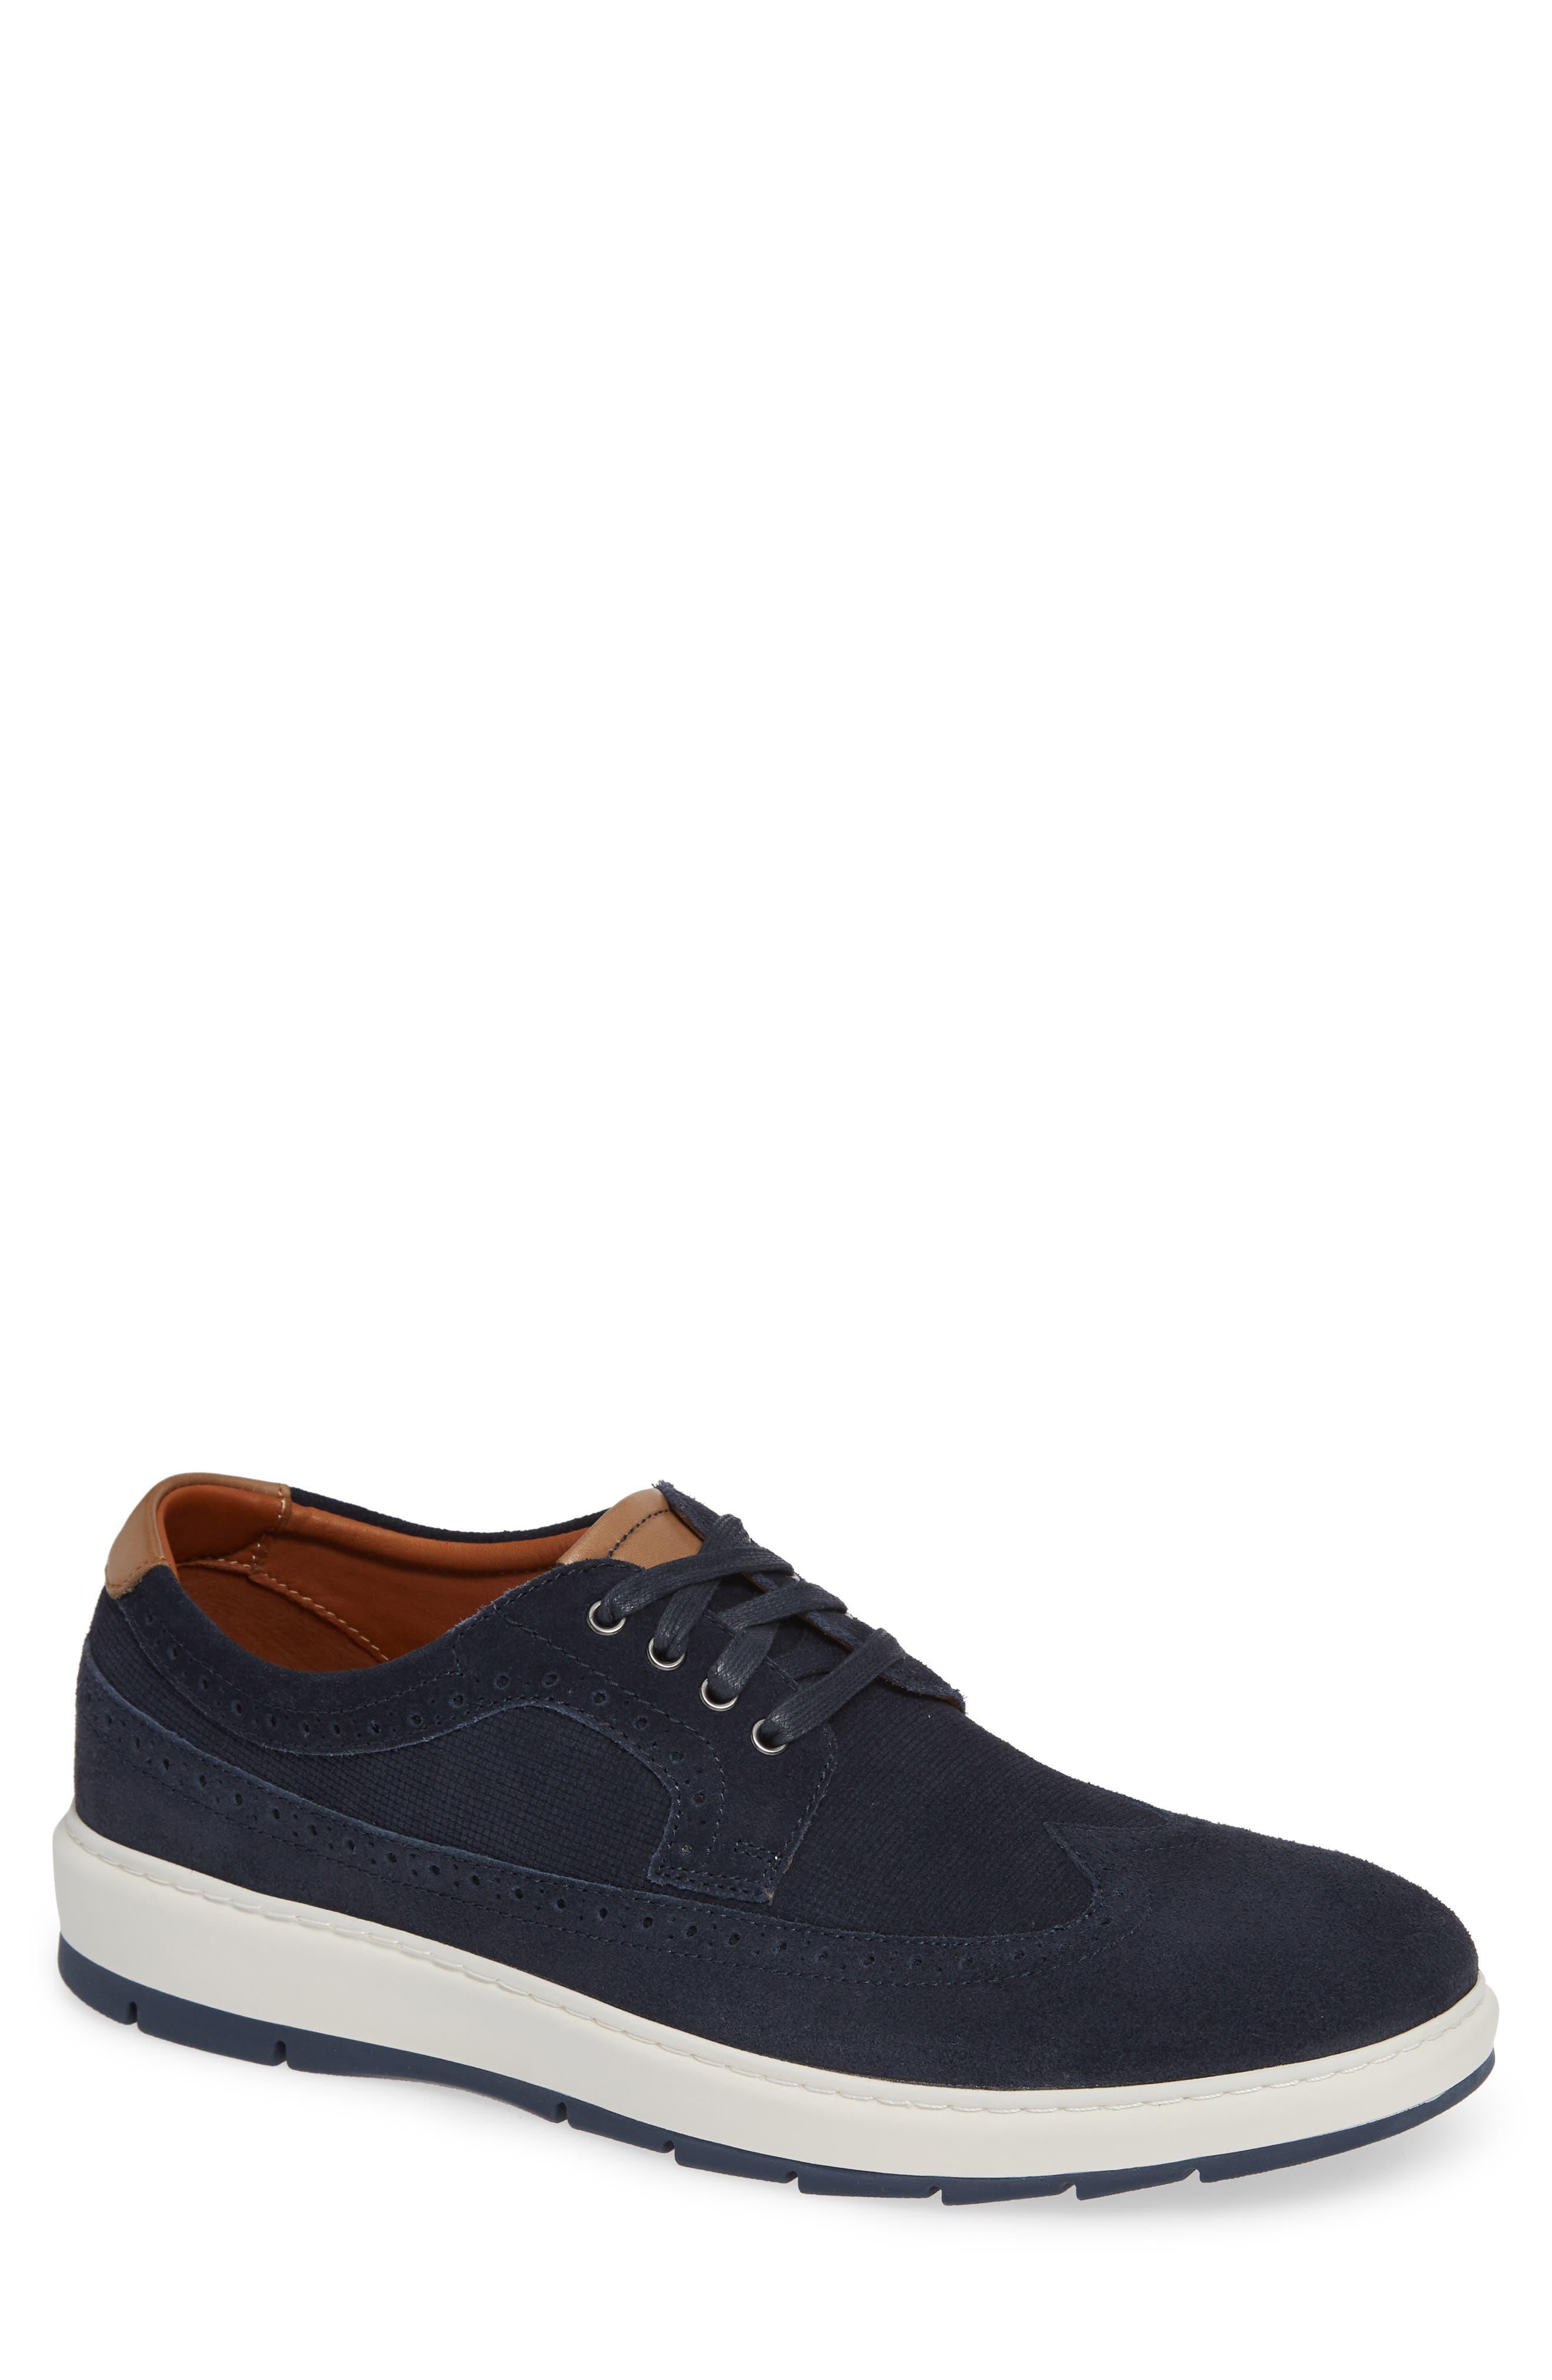 Elliston Wingtip Sneaker, Main, color, NAVY SUEDE